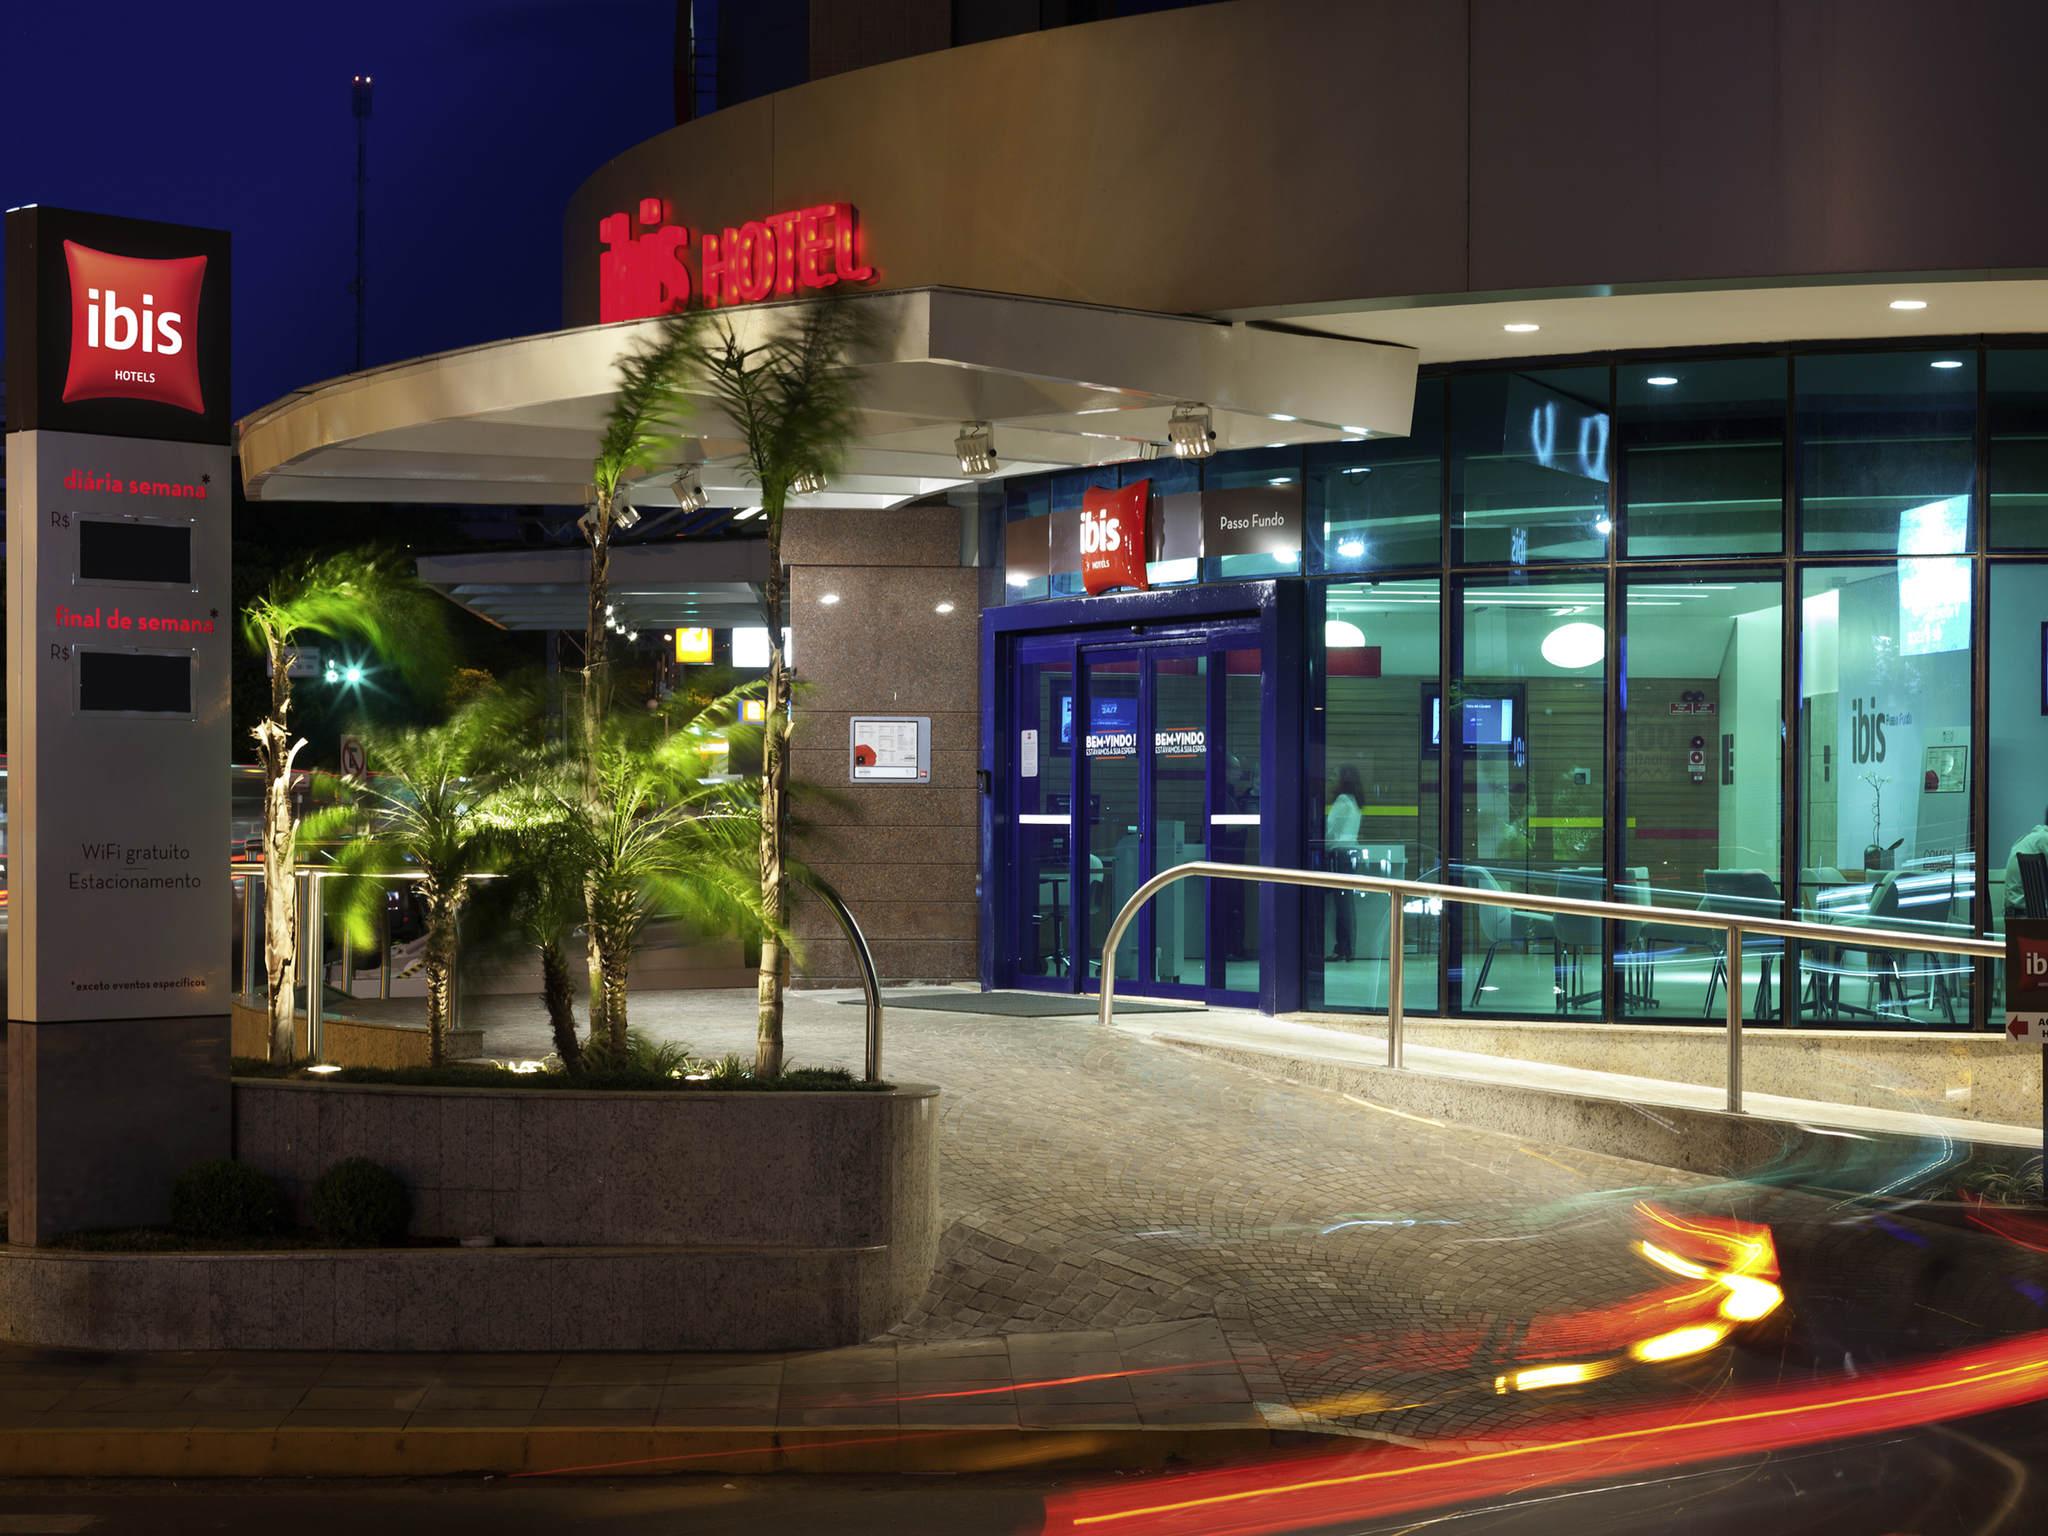 Hotell – ibis Passo Fundo Shopping